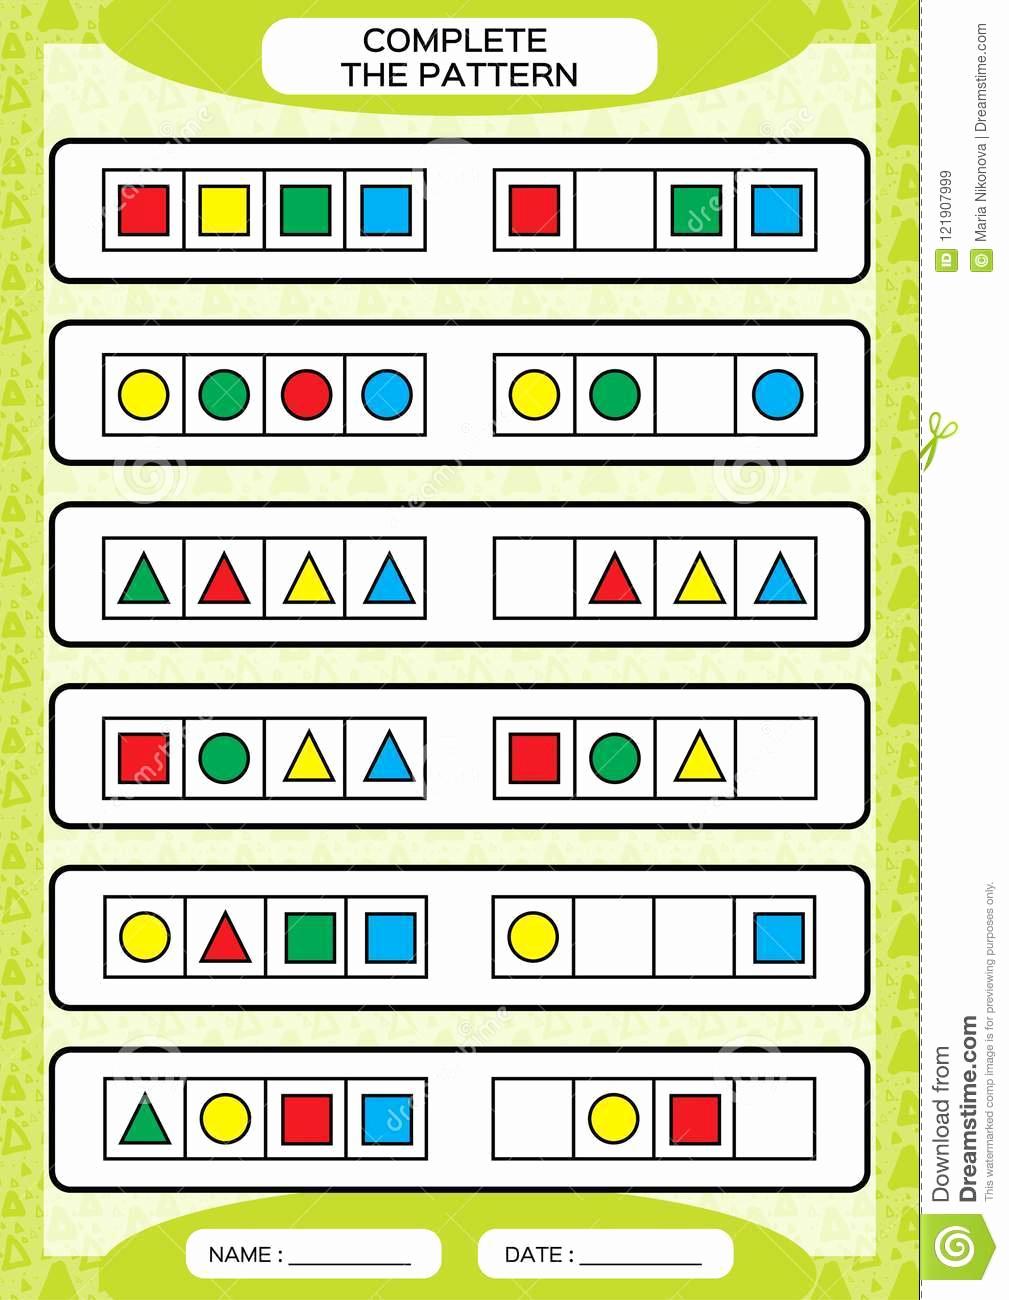 Repeated Pattern Worksheets Elegant Plete Simple Repeating Patterns Worksheet for